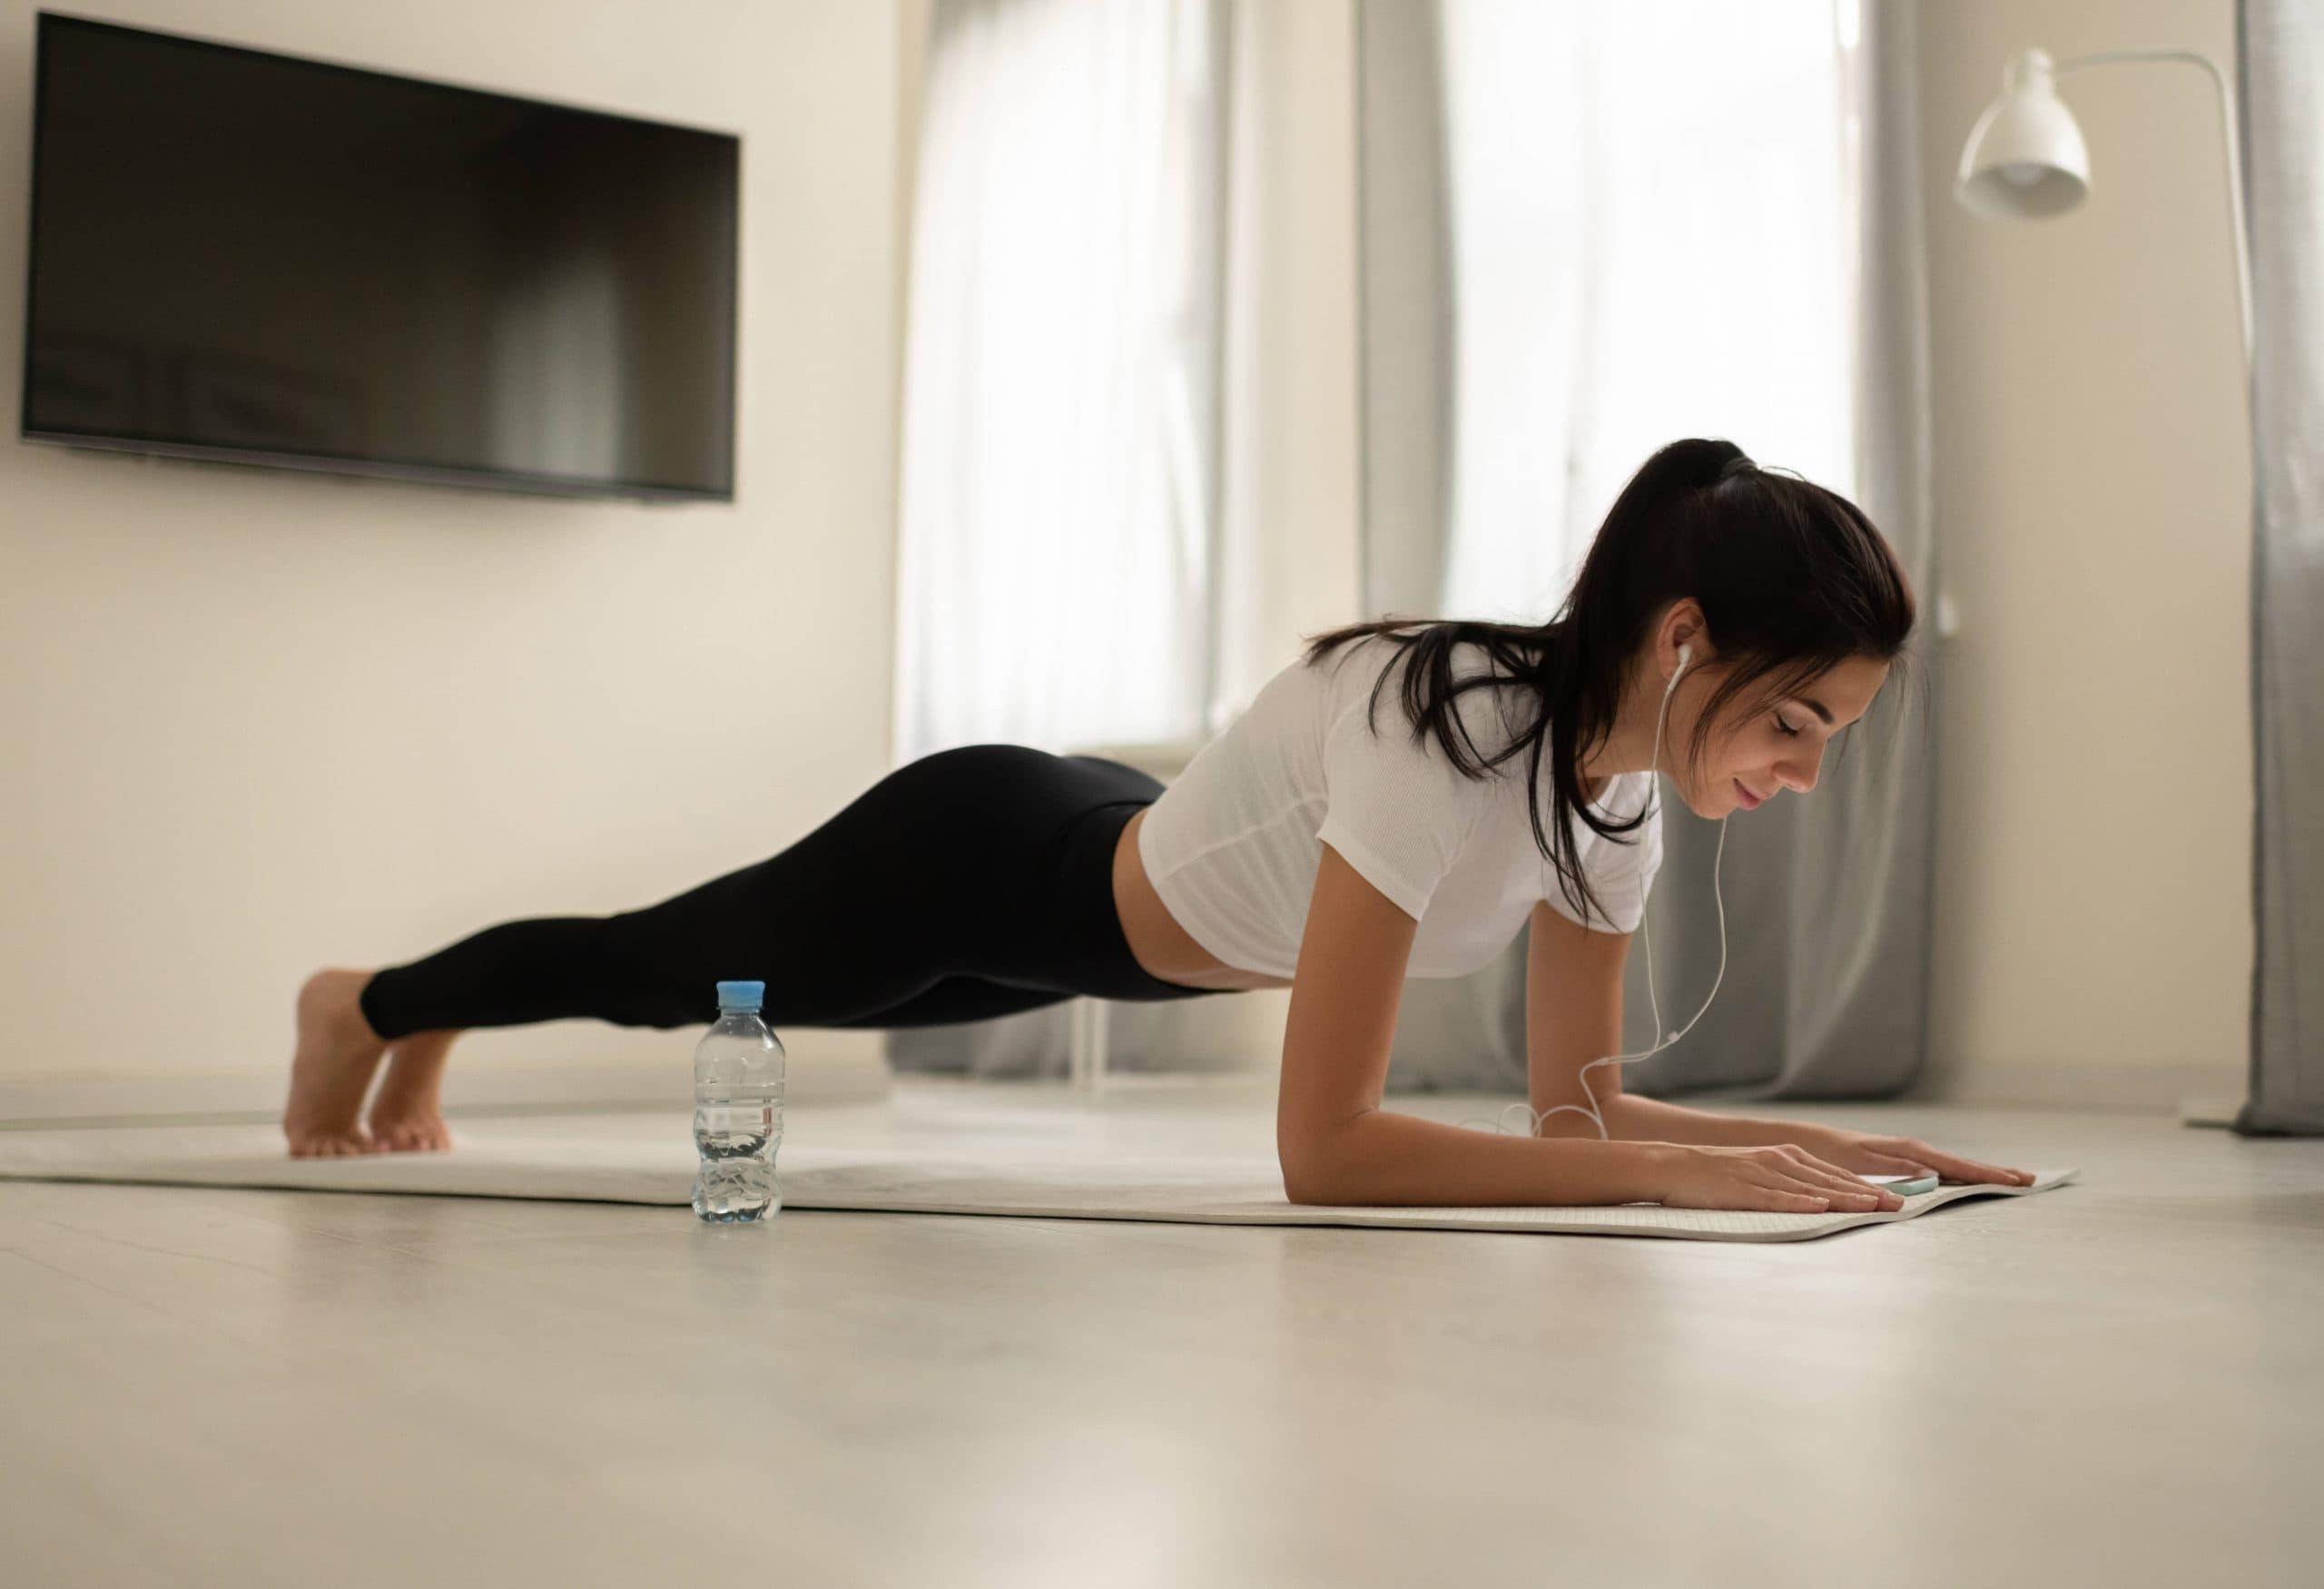 Machst du Planks richtig? Oder begehst du einen dieser 6 Fehler? - wmn